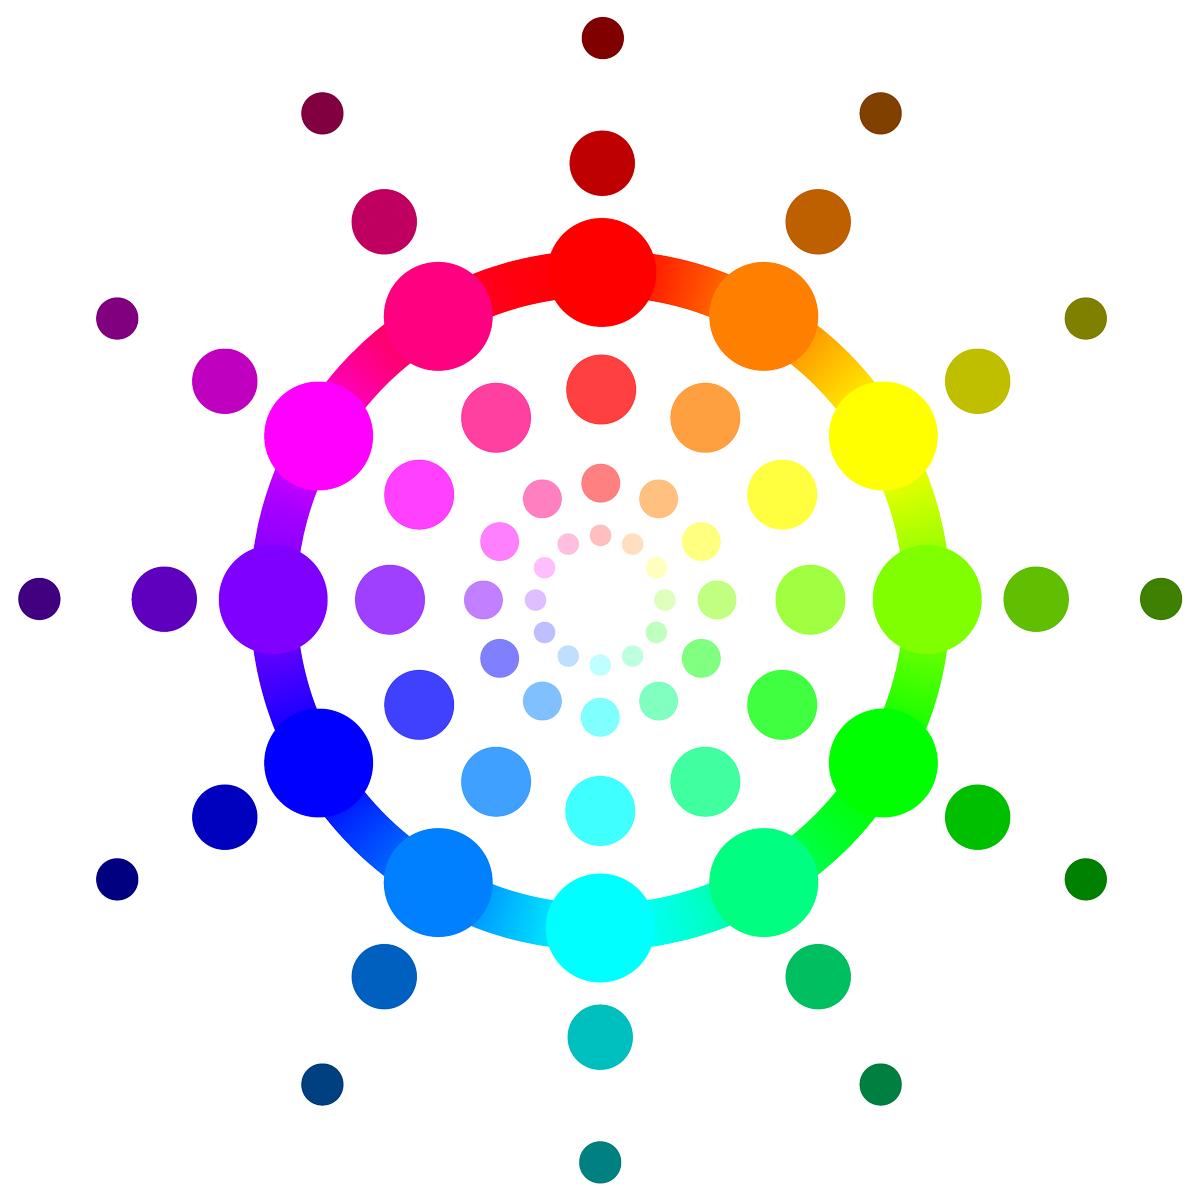 Rgb Color Wheel Hex Values Printable Blank Rh Com RGB